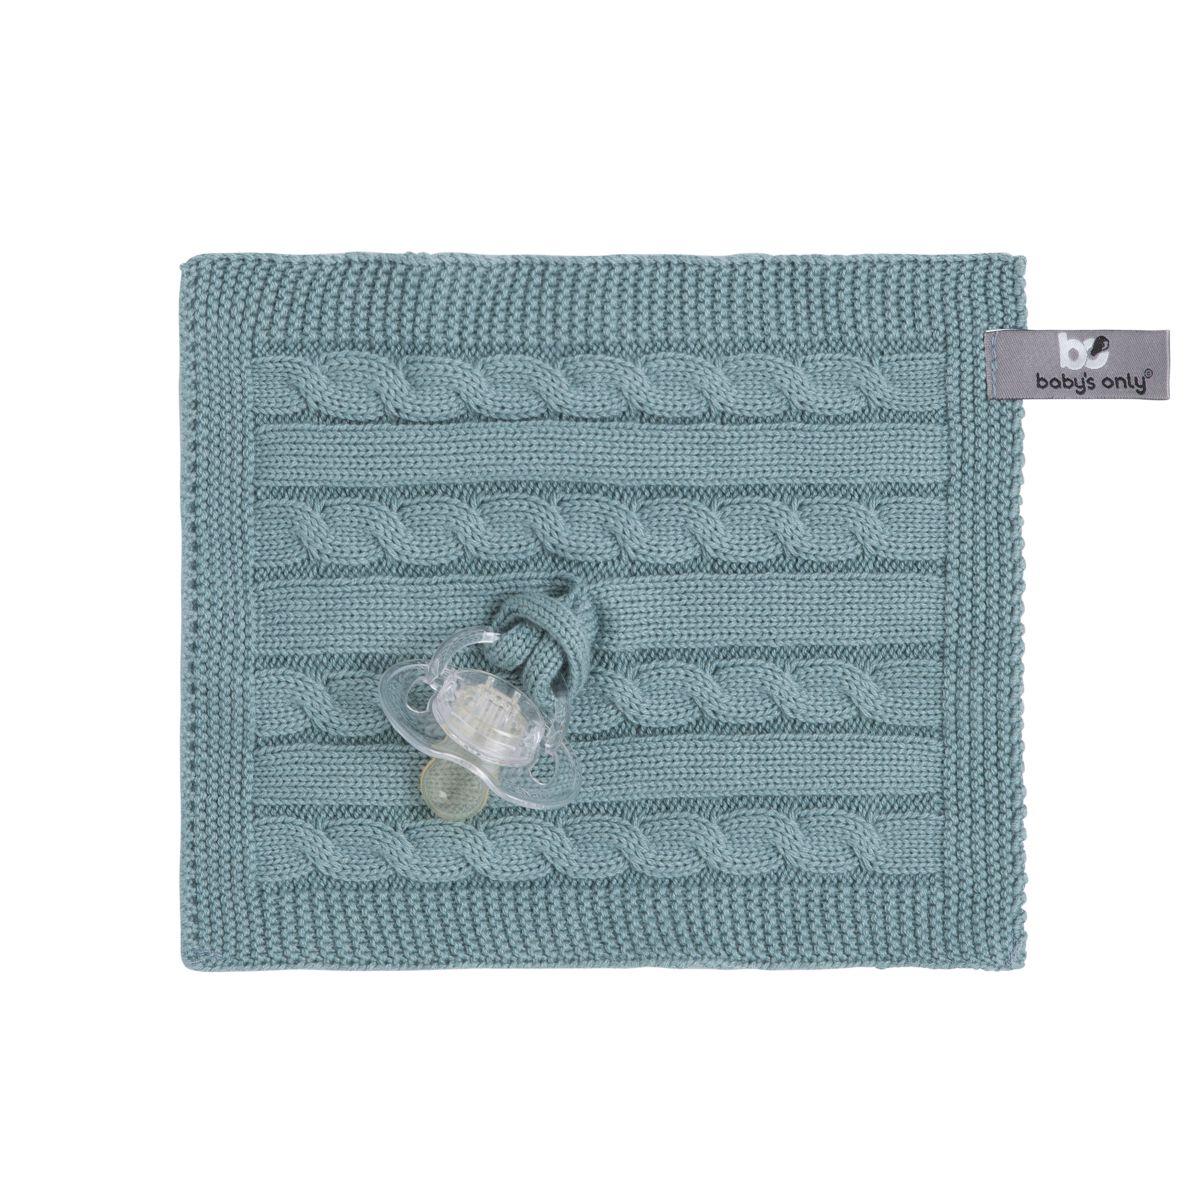 babys only 0132810 speendoekje cable stonegreen 1